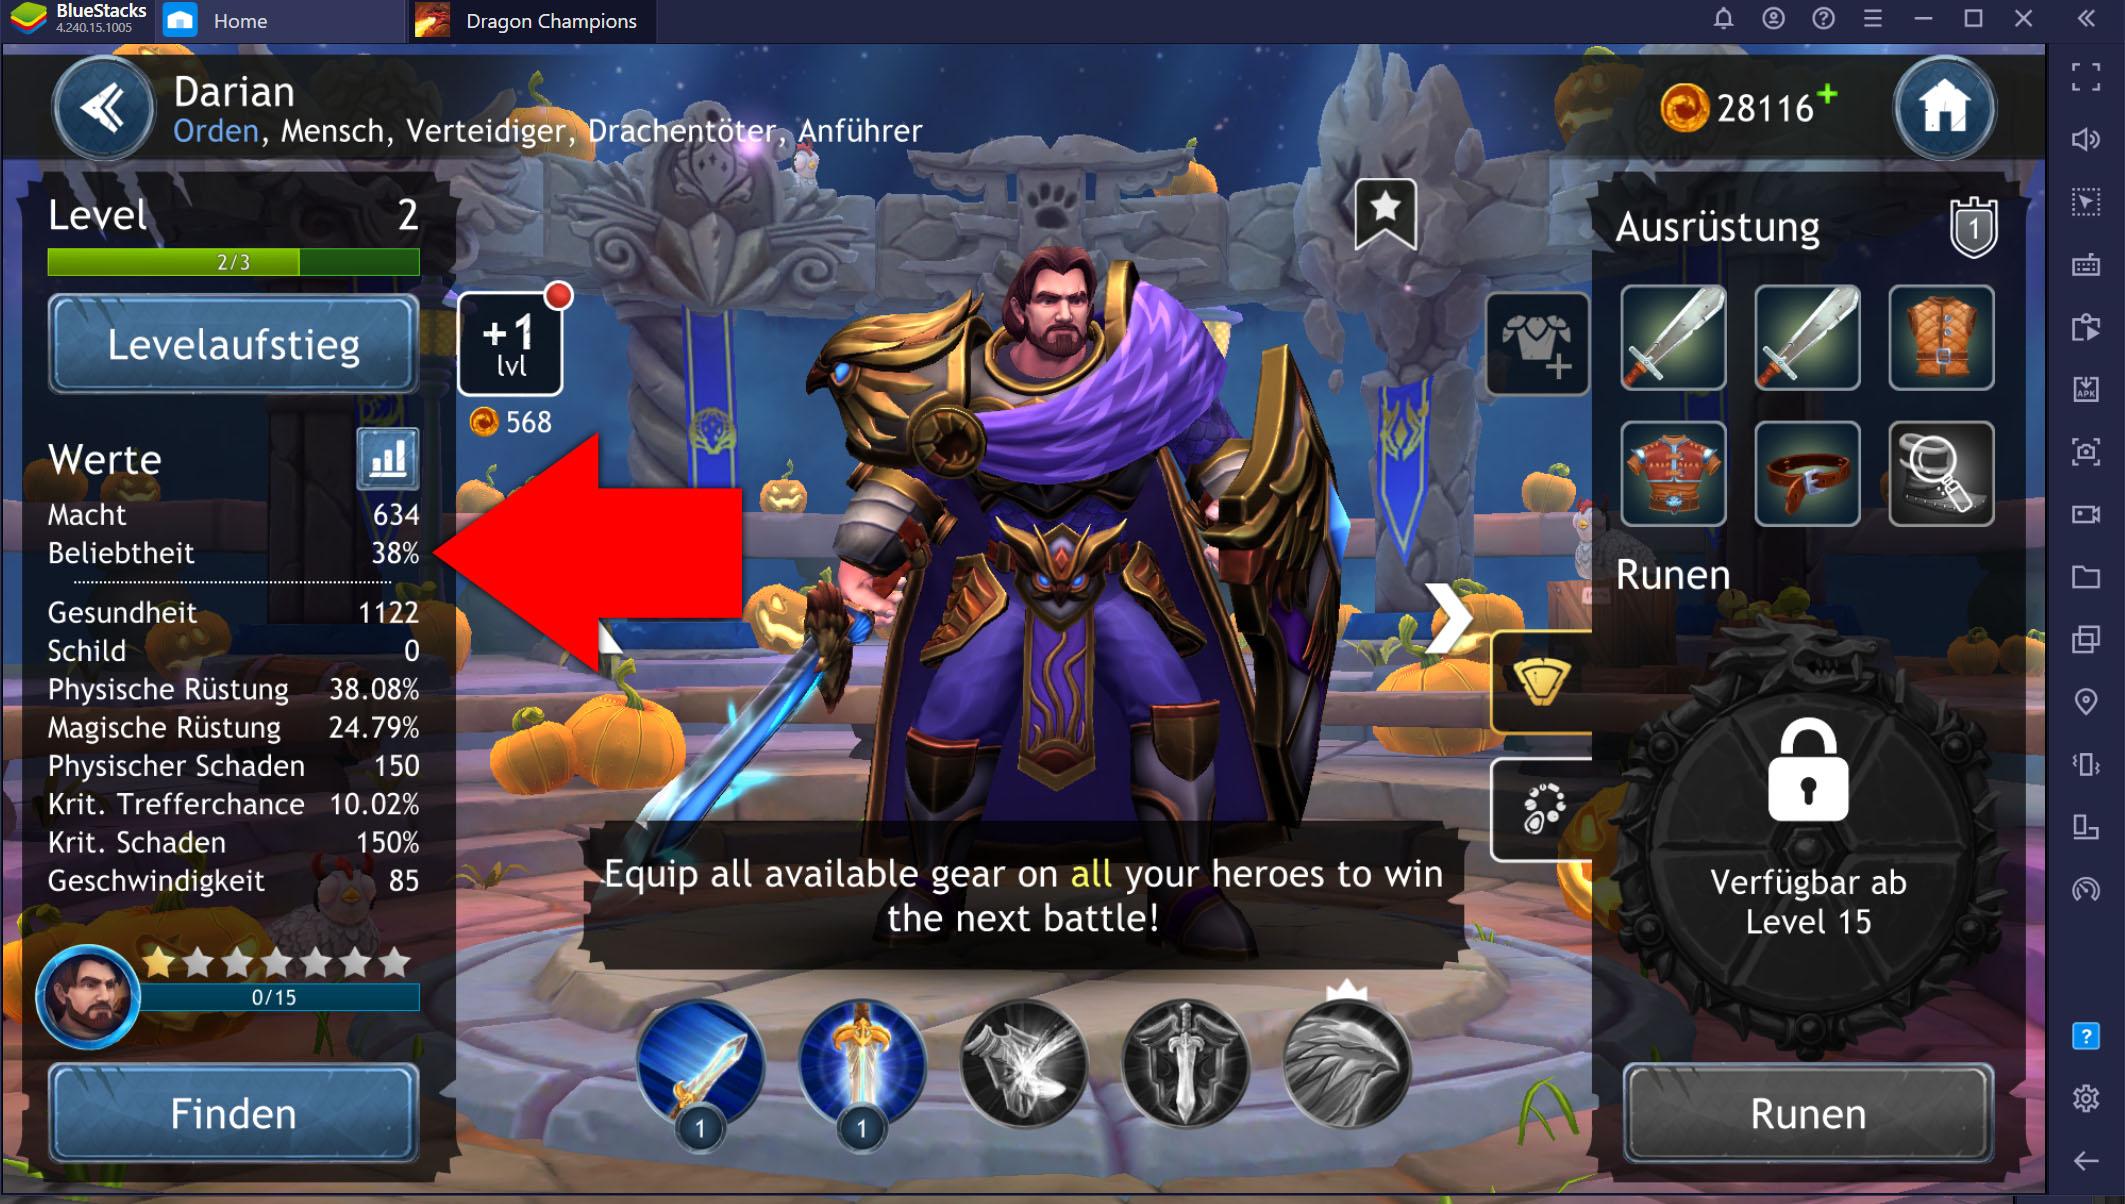 Dragon Champions auf dem PC – Tipps und Tricks für Team-Aufstellung und Kampf